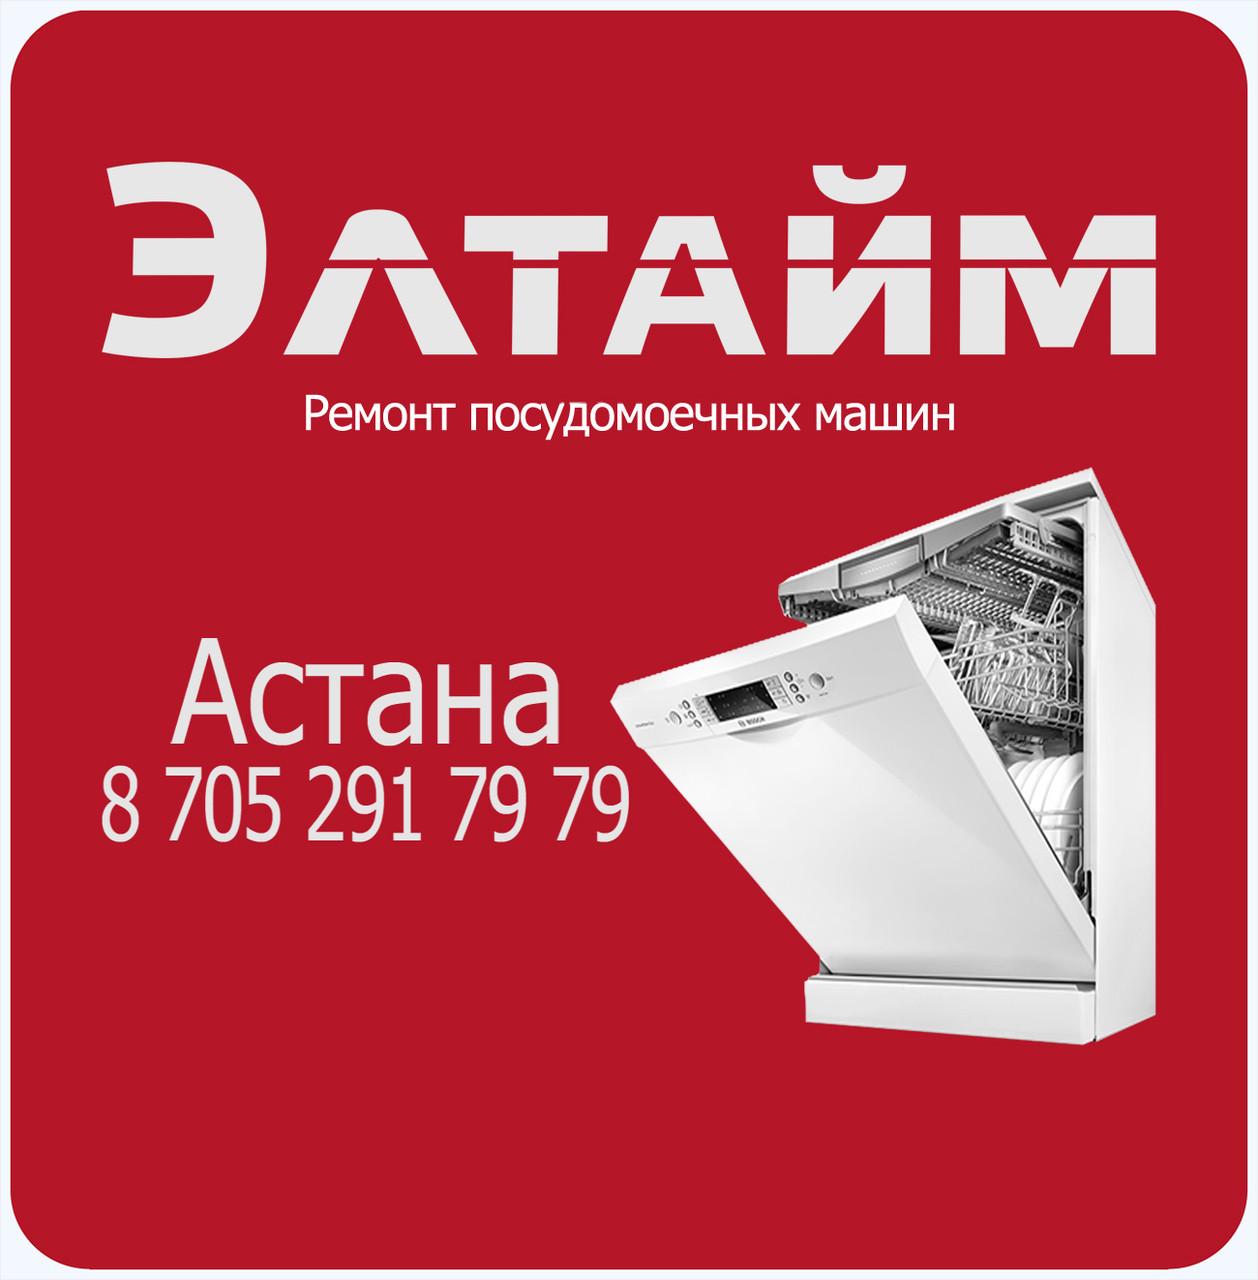 Ремонт посудомоечных машин в Астане